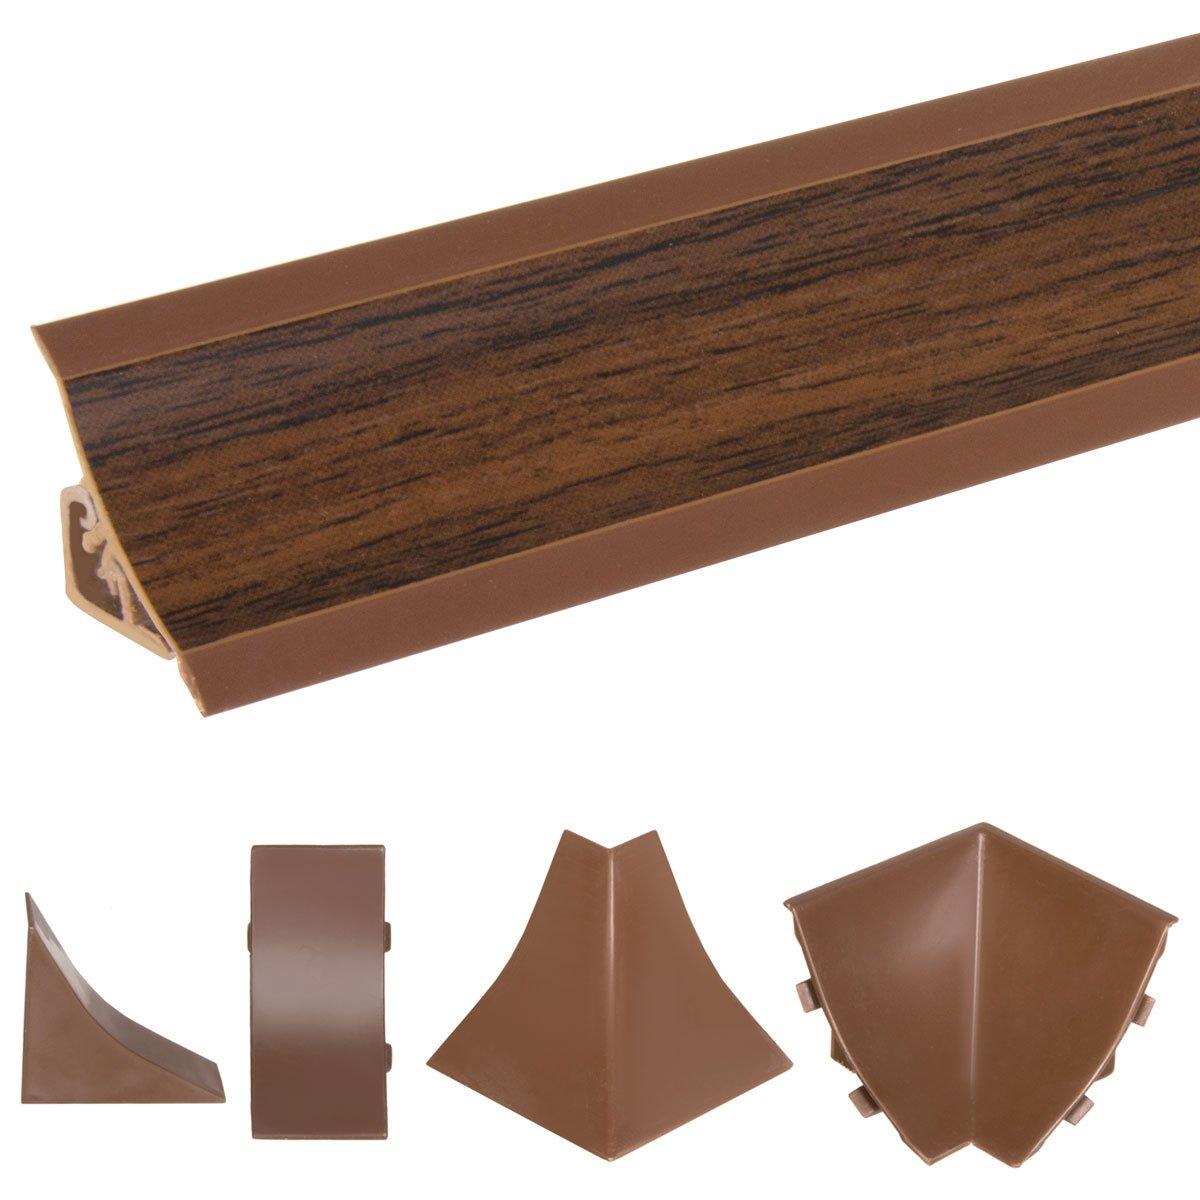 HOLZBRINK Copete de Encimera Nuez Oscuro Embellecedor de Remate PVC Listón de Encimeras 23x23 mm 150 cm: Amazon.es: Bricolaje y herramientas